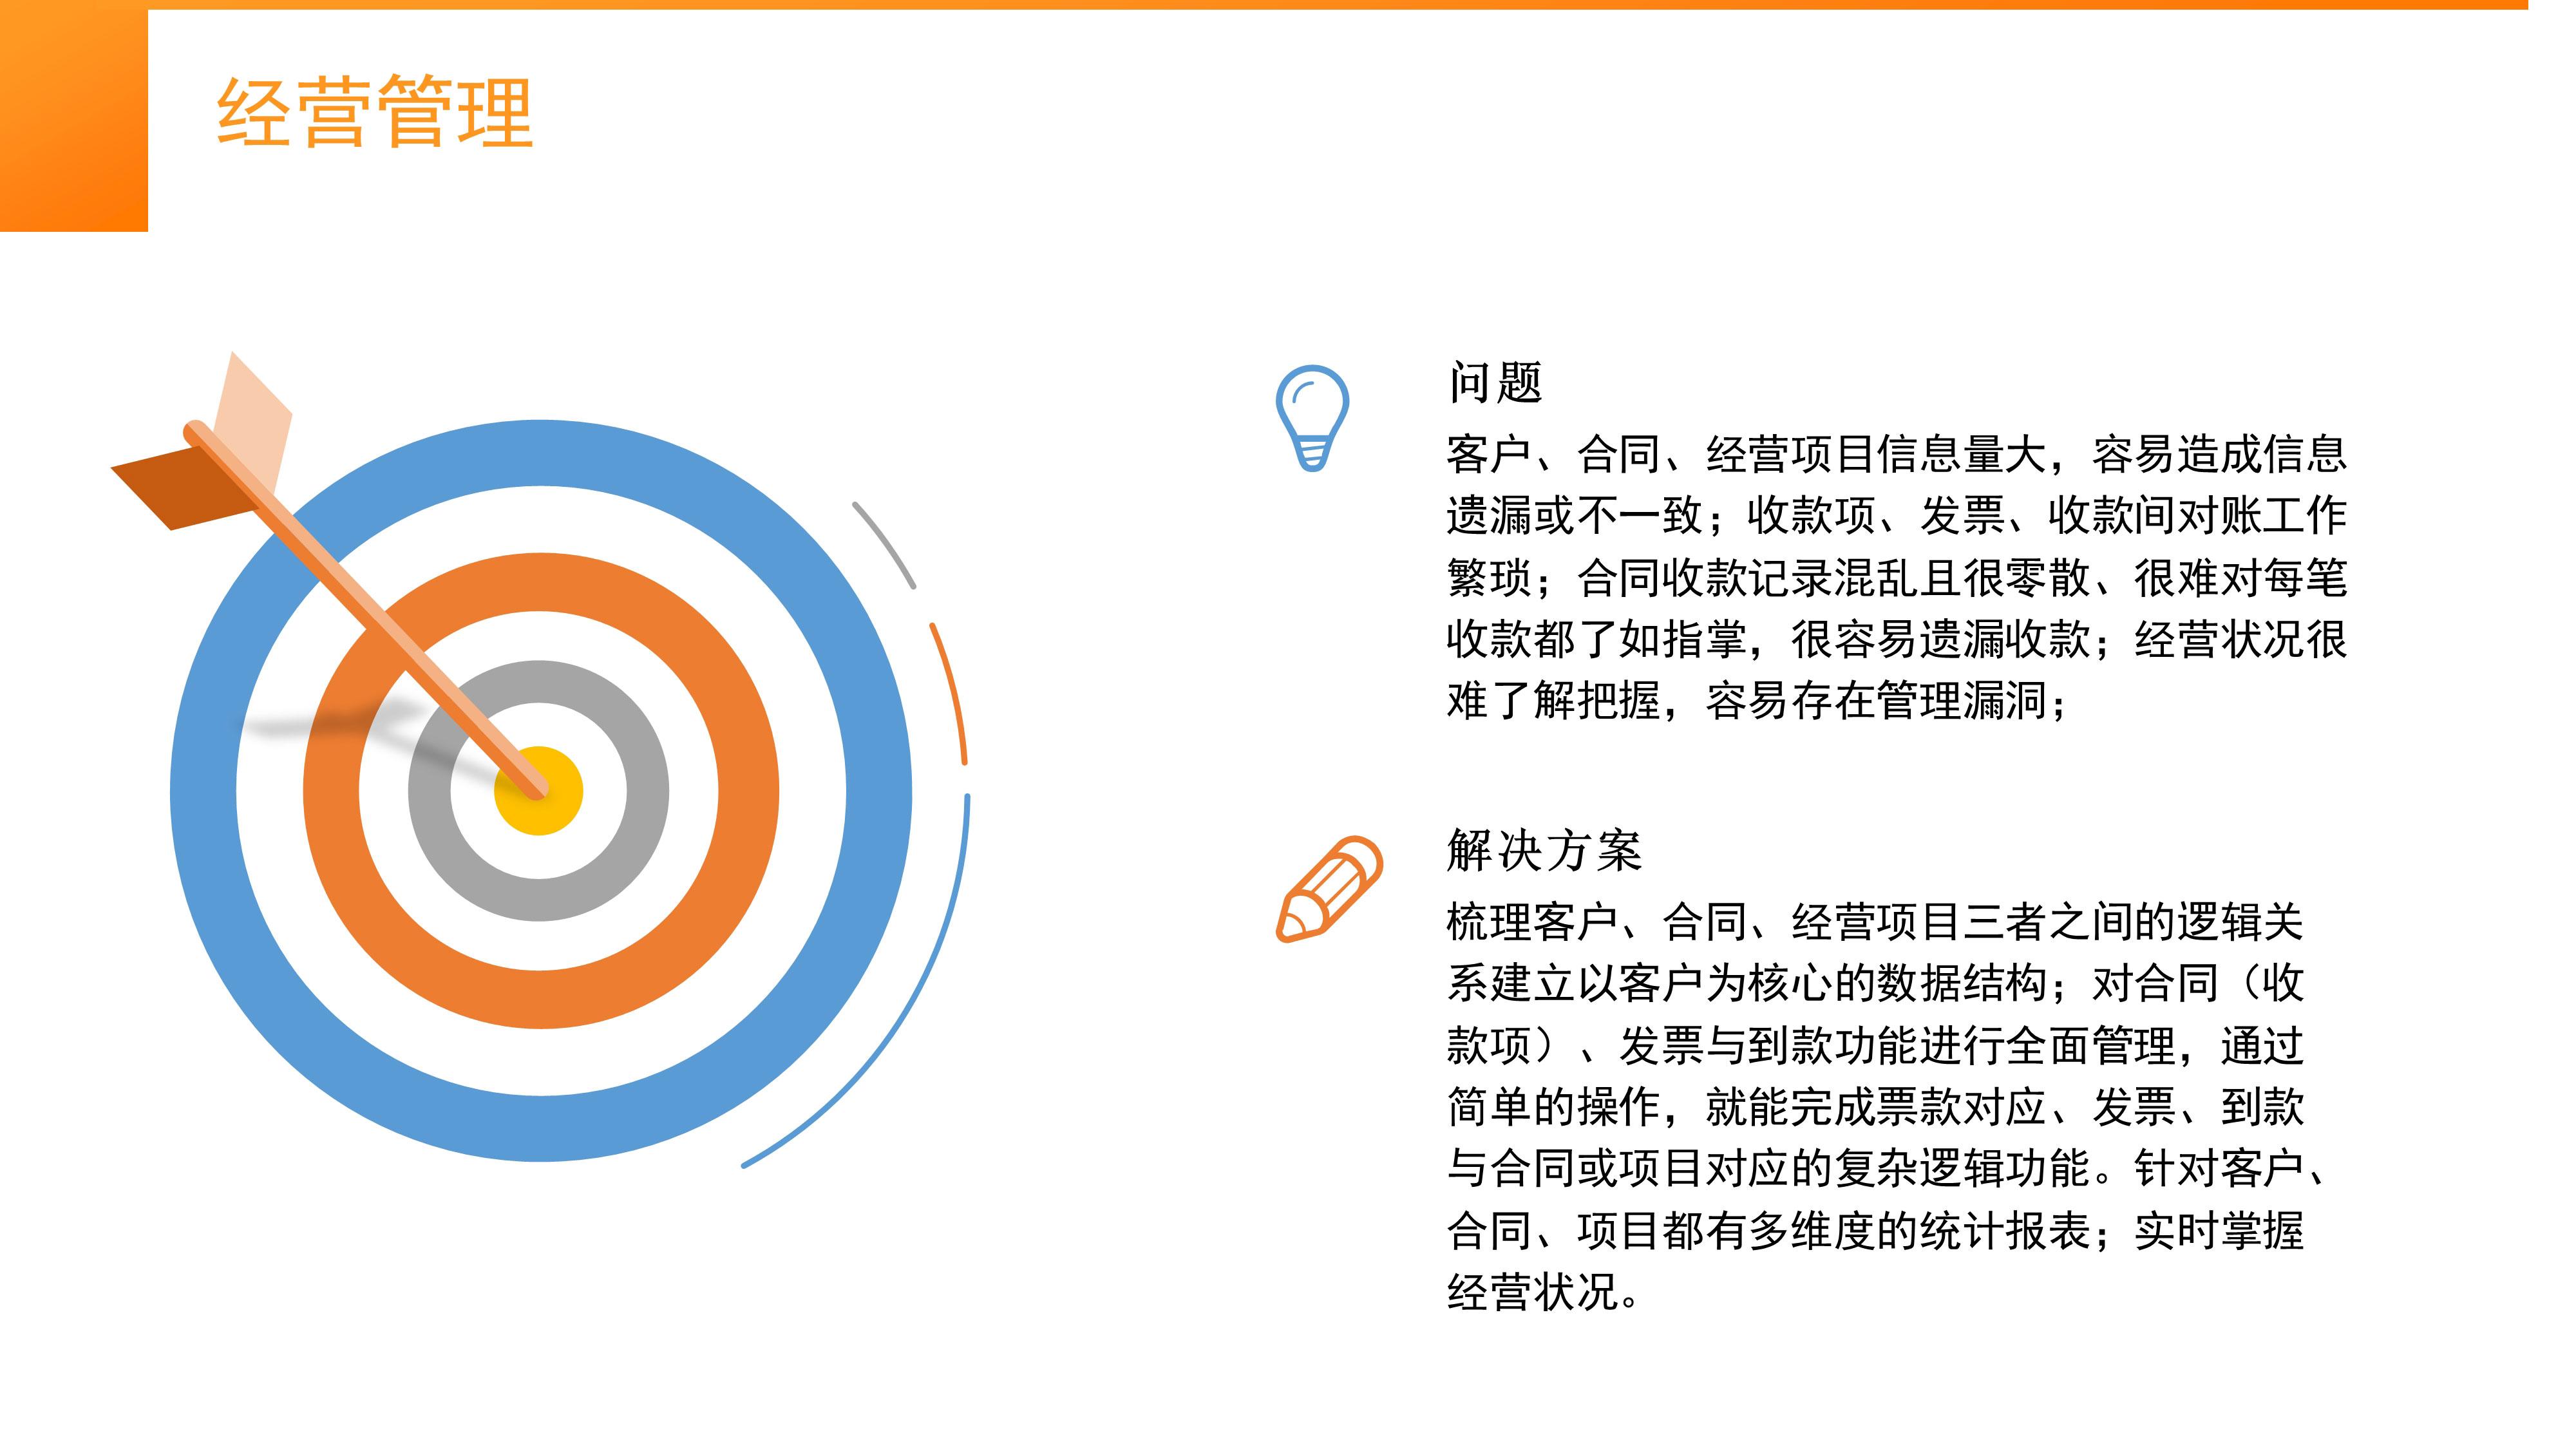 013011343503_0信天使综合信息管理系统旗舰版_7.jpg